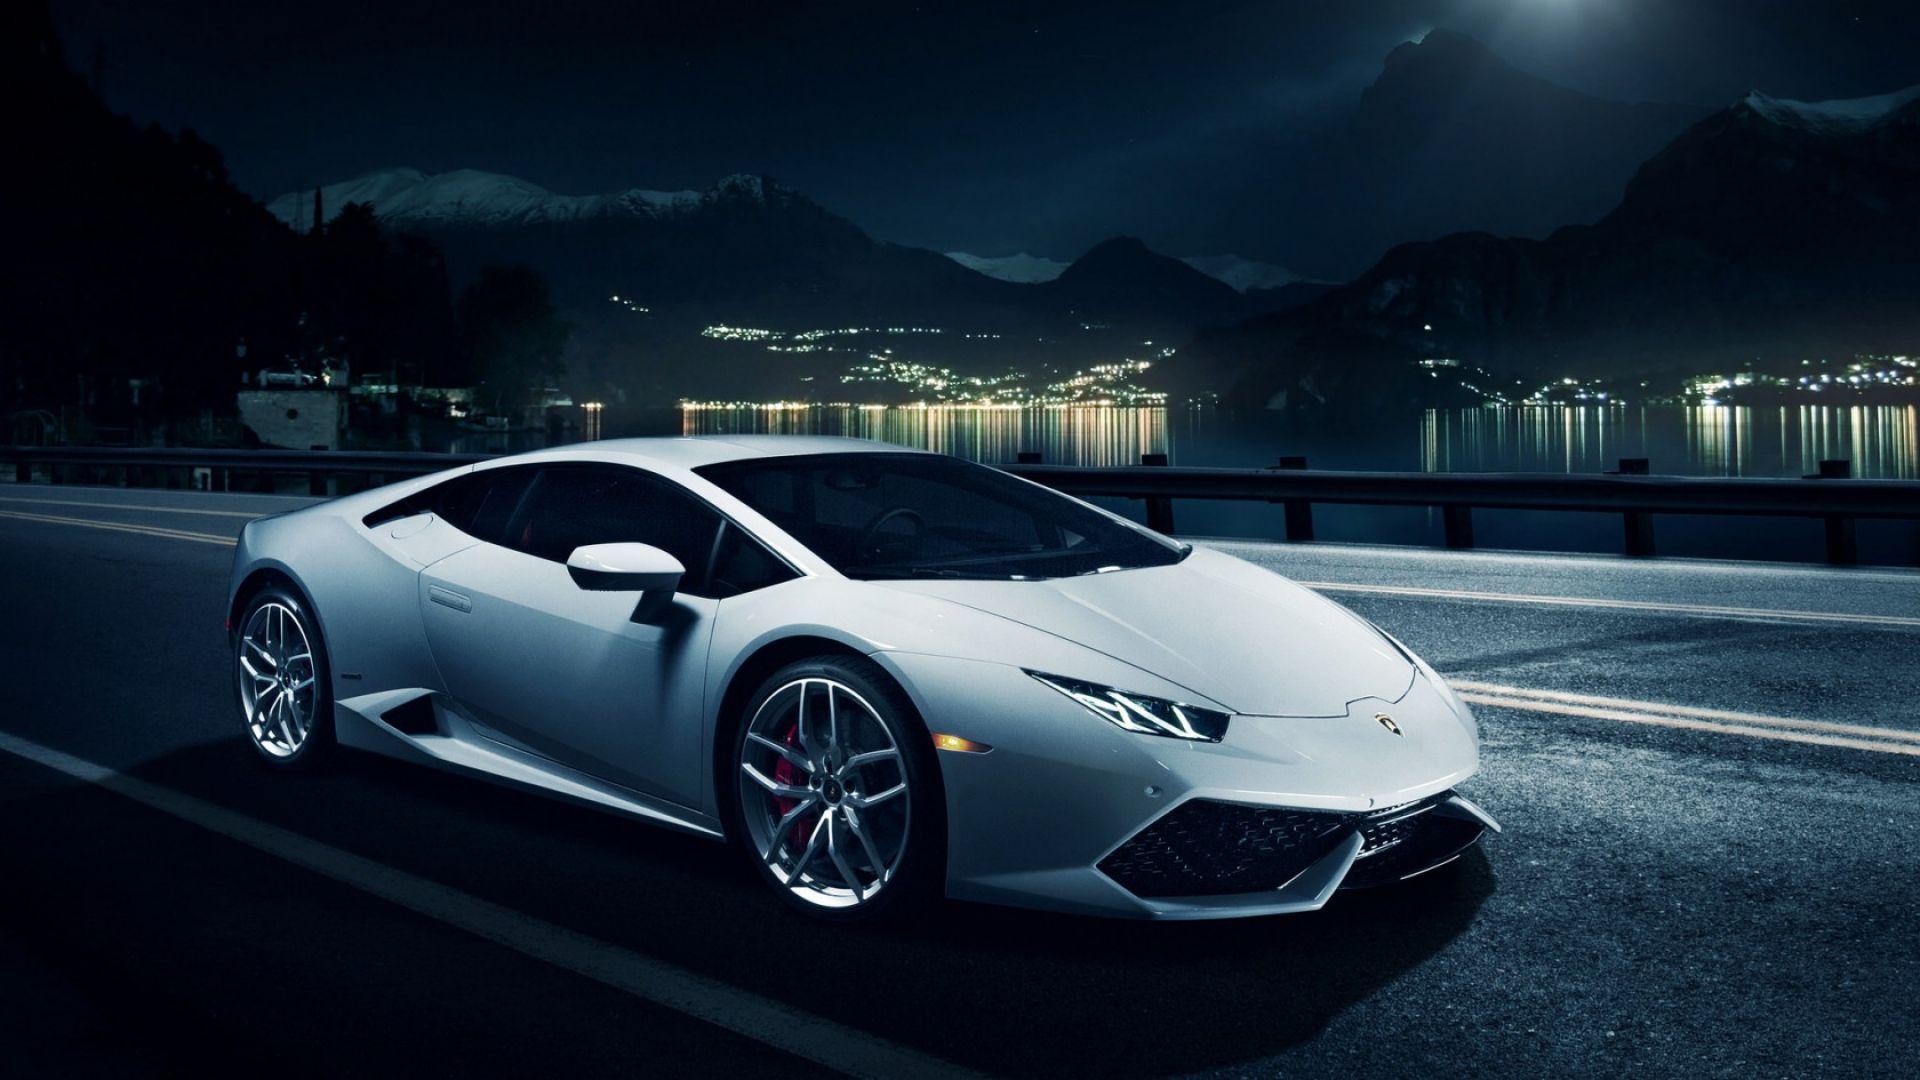 Lamborghini Huracan Wallpapers - Wallpaper Cave